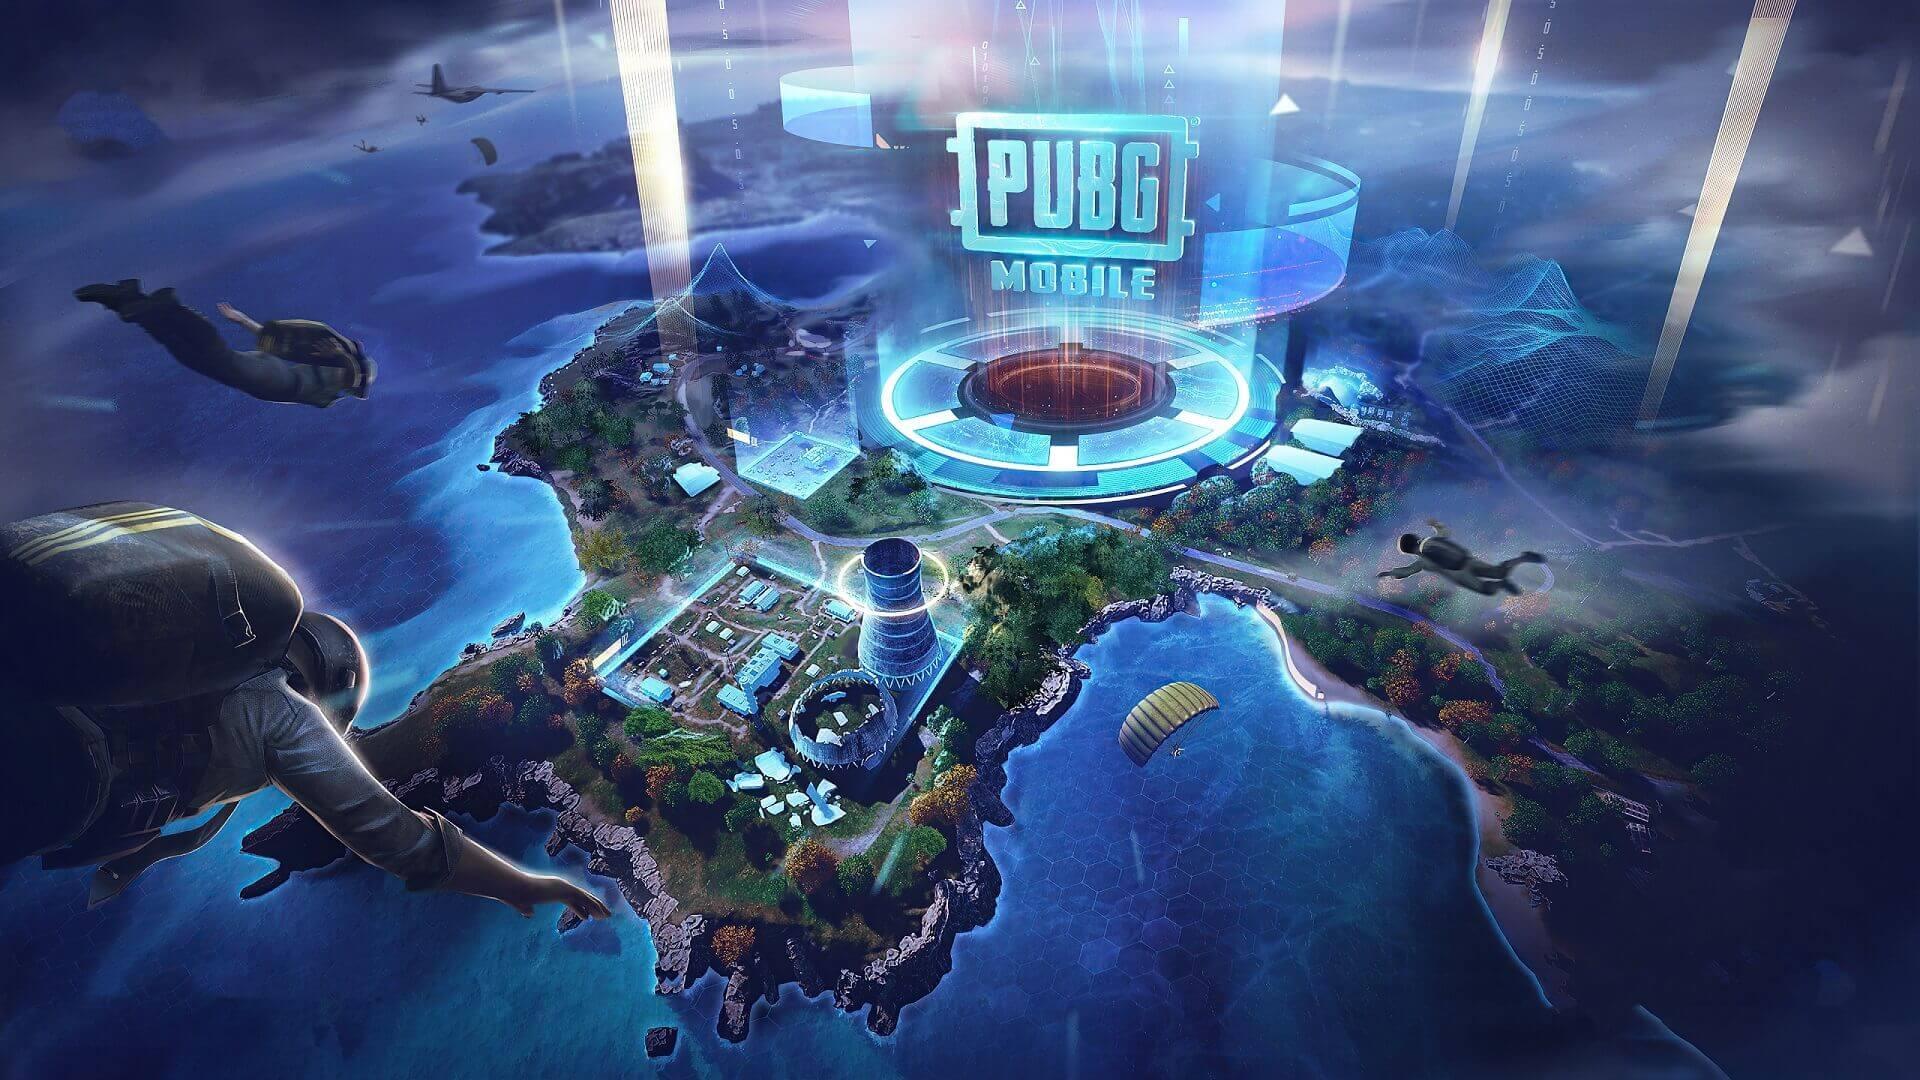 PUBG Mobile Skydiving Map Drop Zone wallpaper